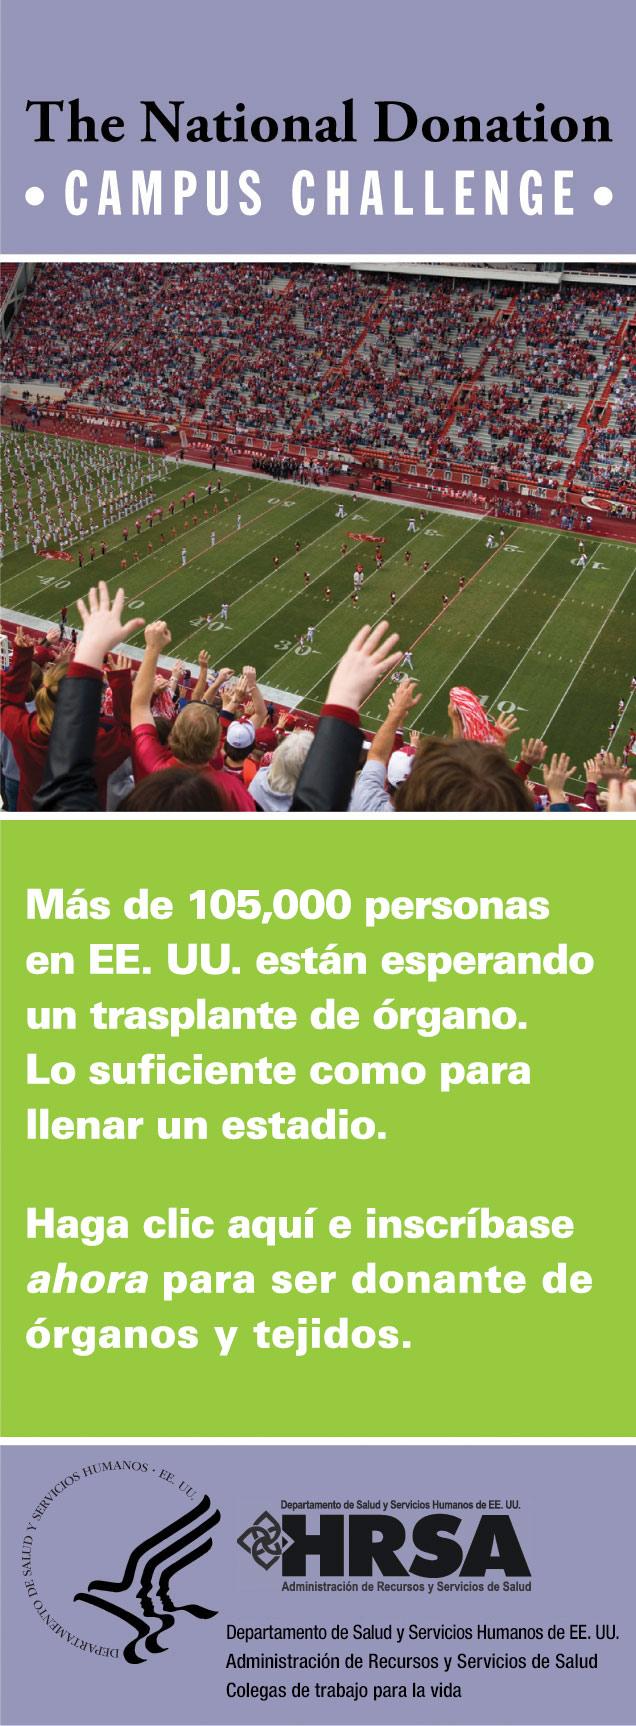 Imagen del estadio - anuncio por web - vertical - imagen de enlace a registro personalizado.